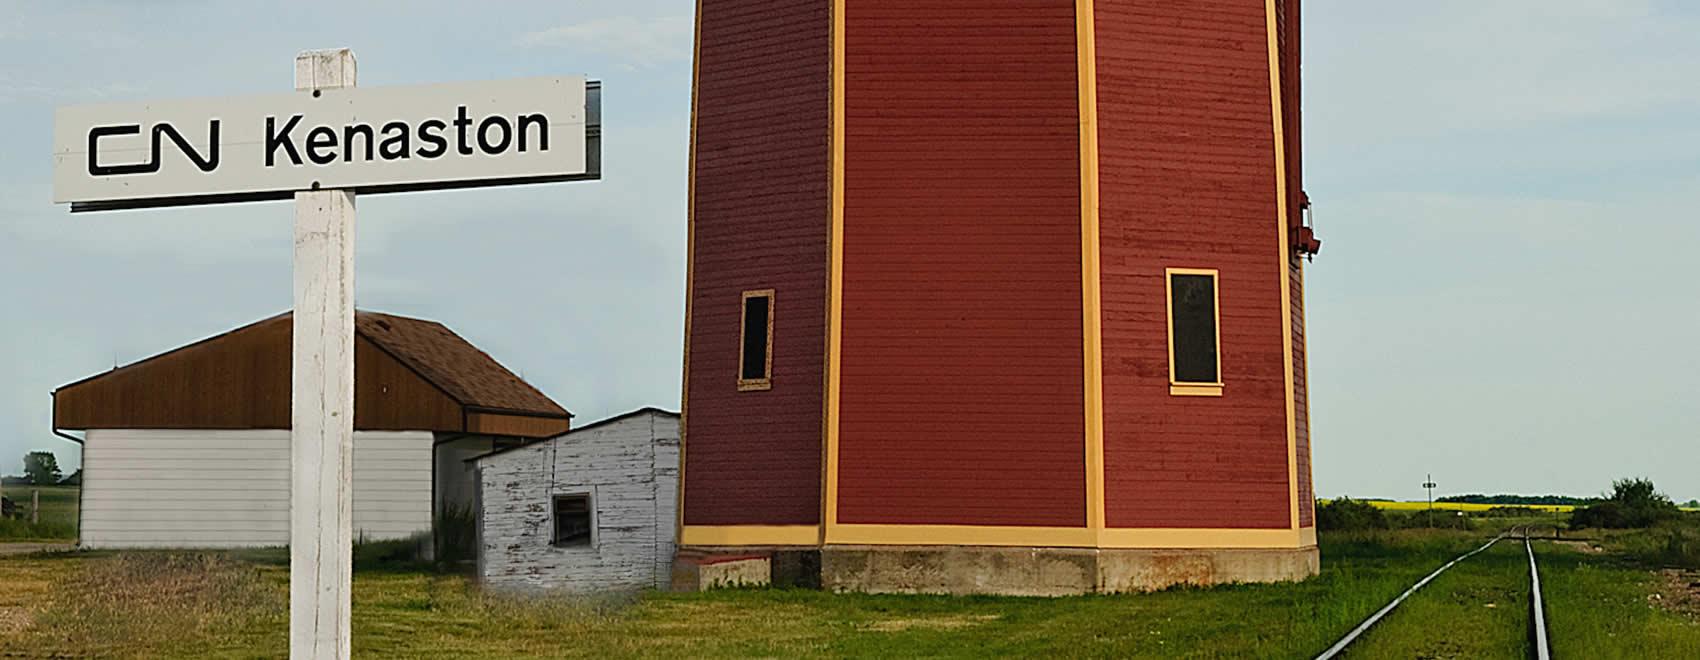 Kenaston CN Water Tower